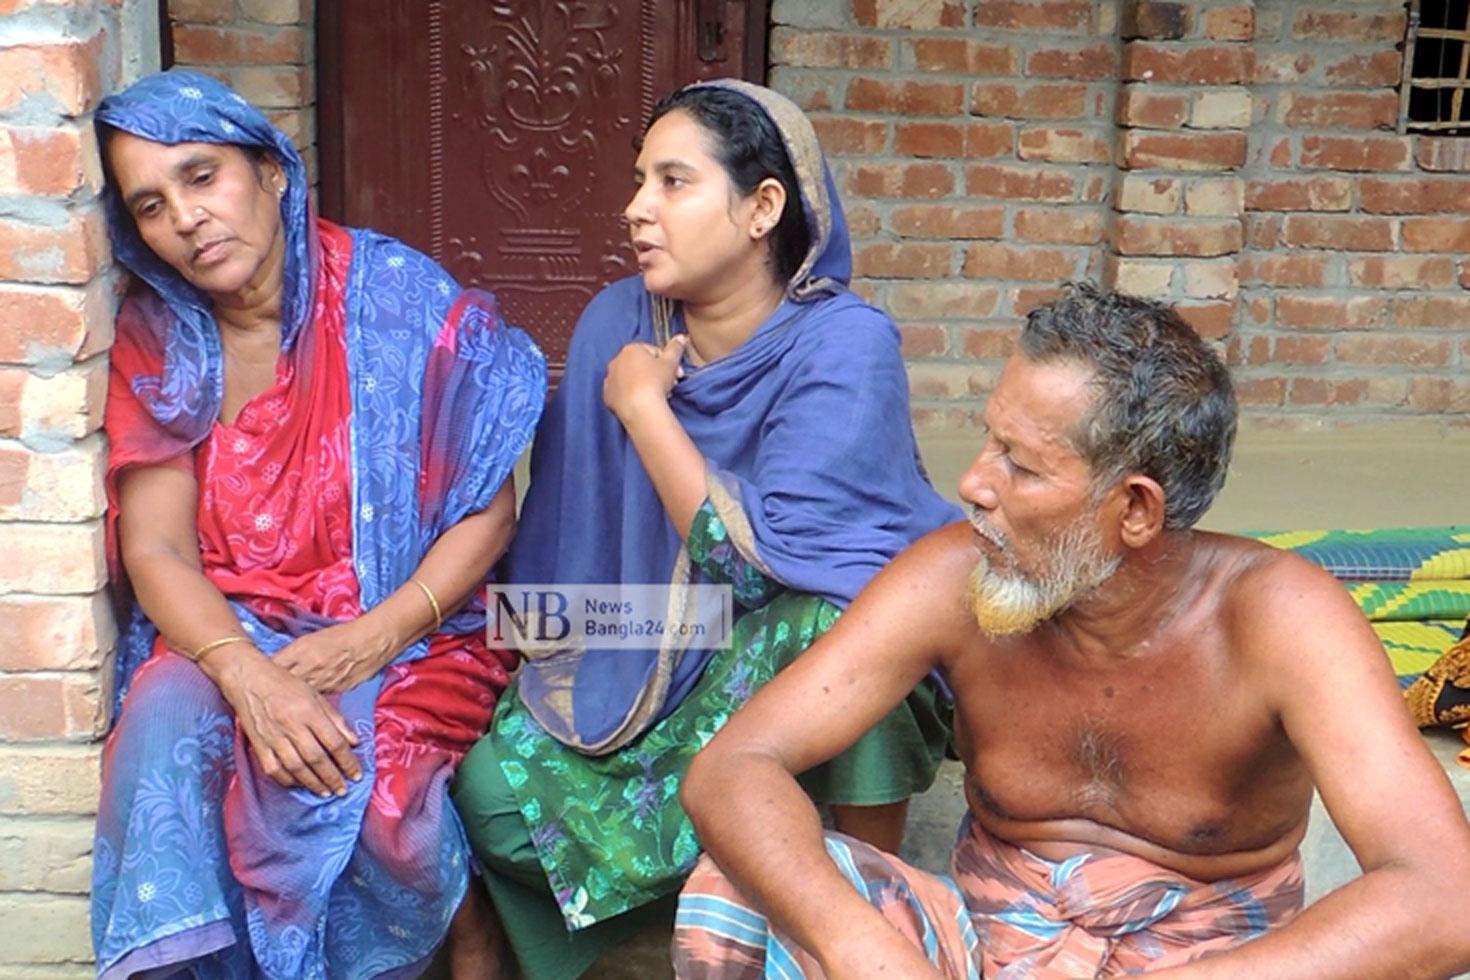 জ্বরে শিশুর মৃত্যু, হত্যা সন্দেহে ময়নাতদন্ত